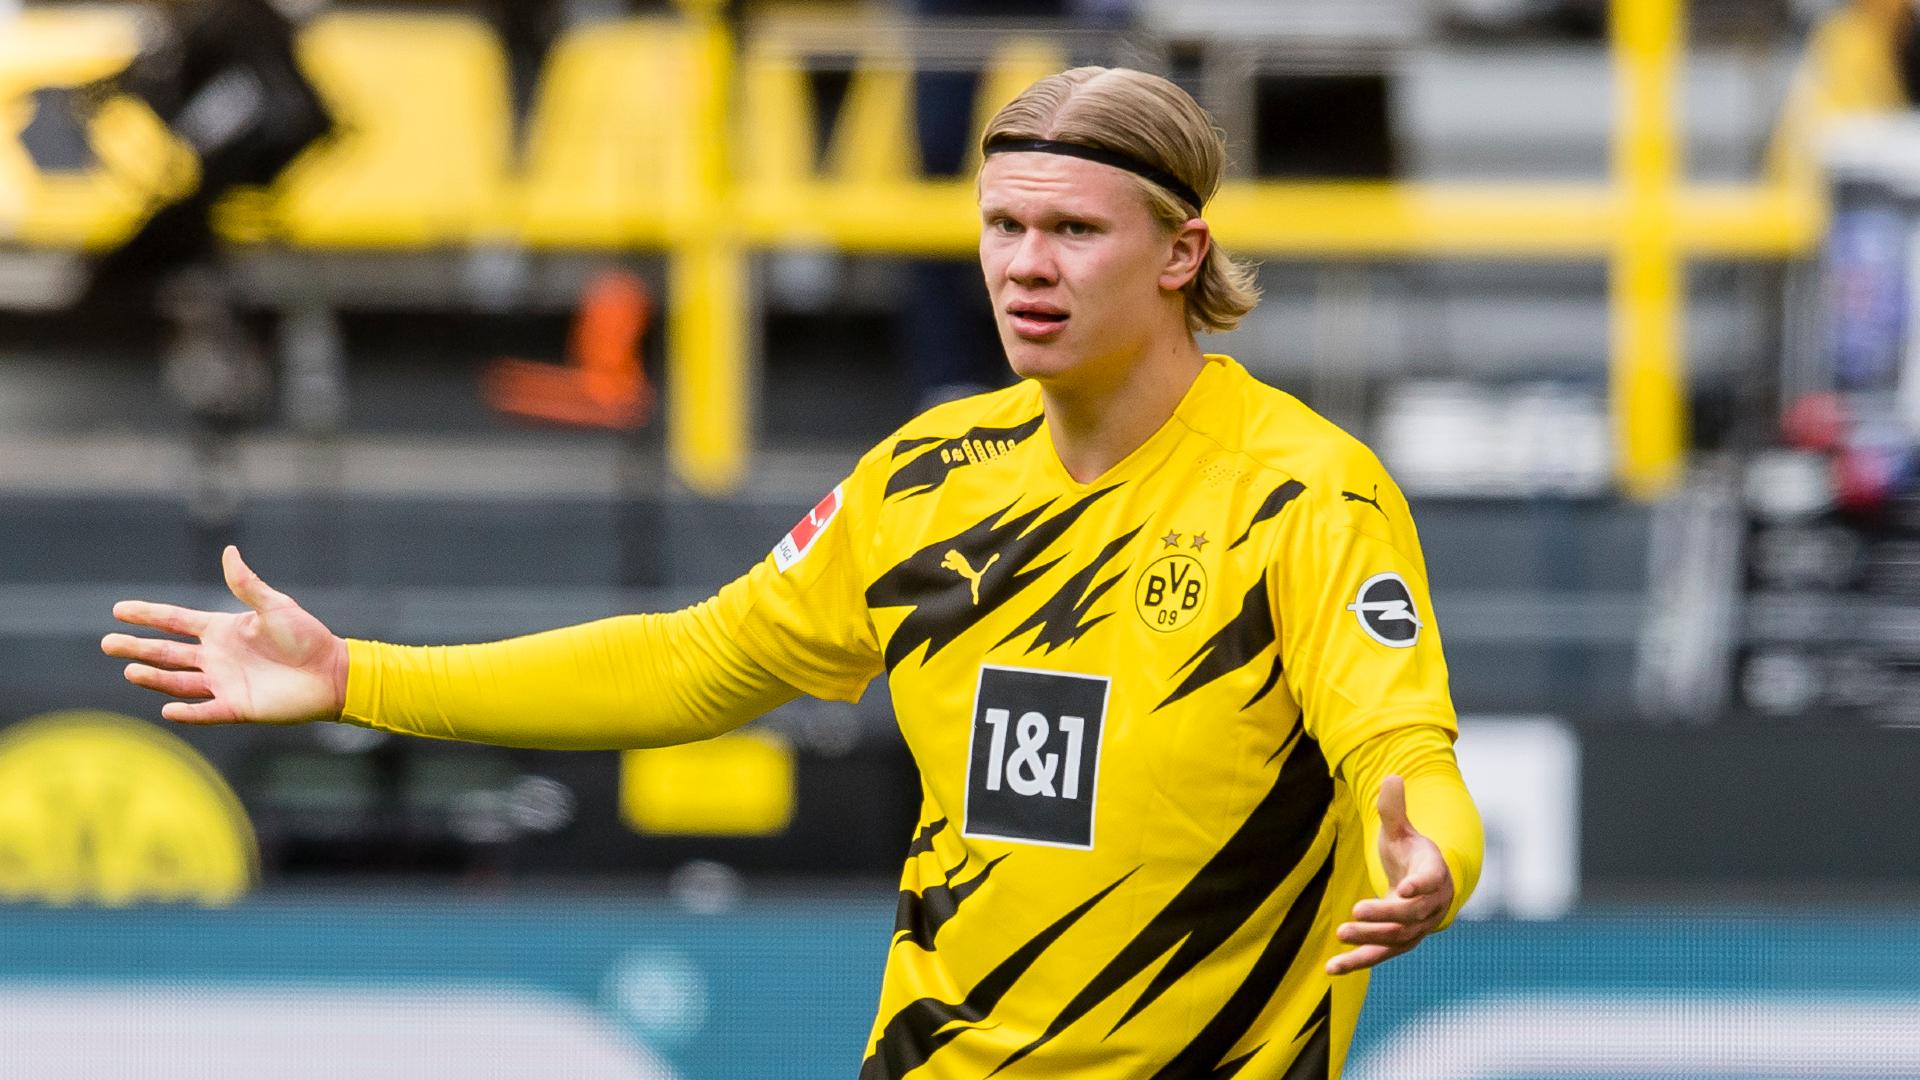 Haaland to Barcelona? Laporta will have final say on any transfers - Koeman